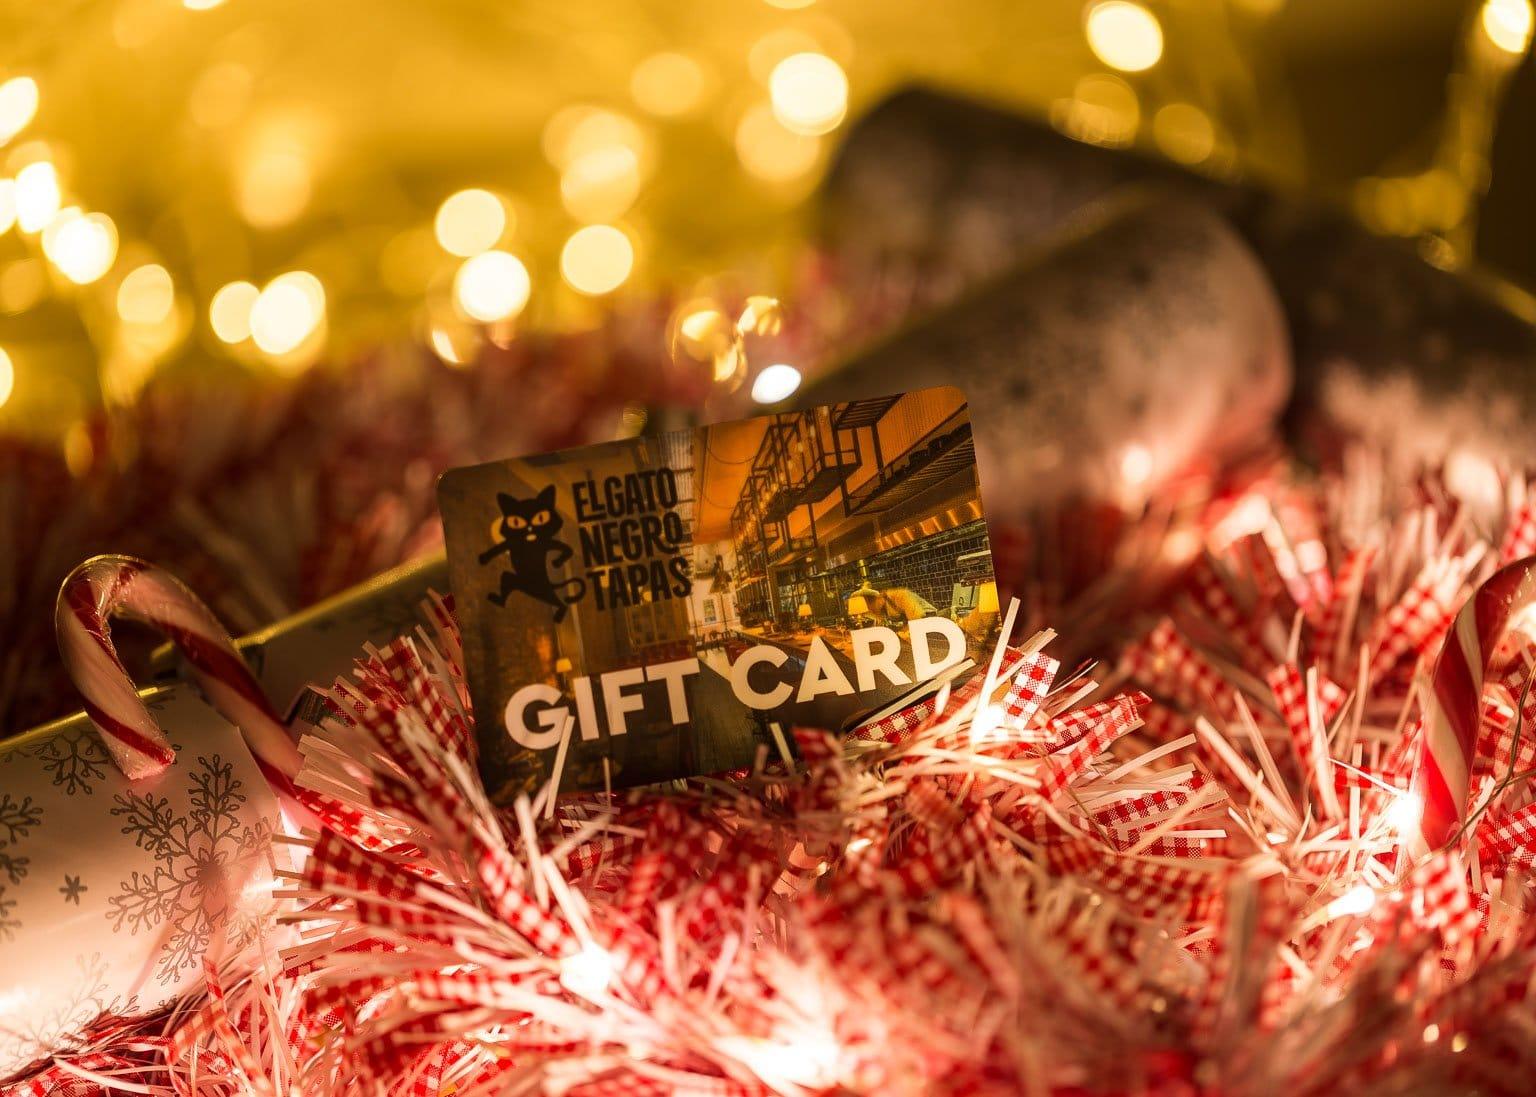 Christmas gift cards at El Gato Negro